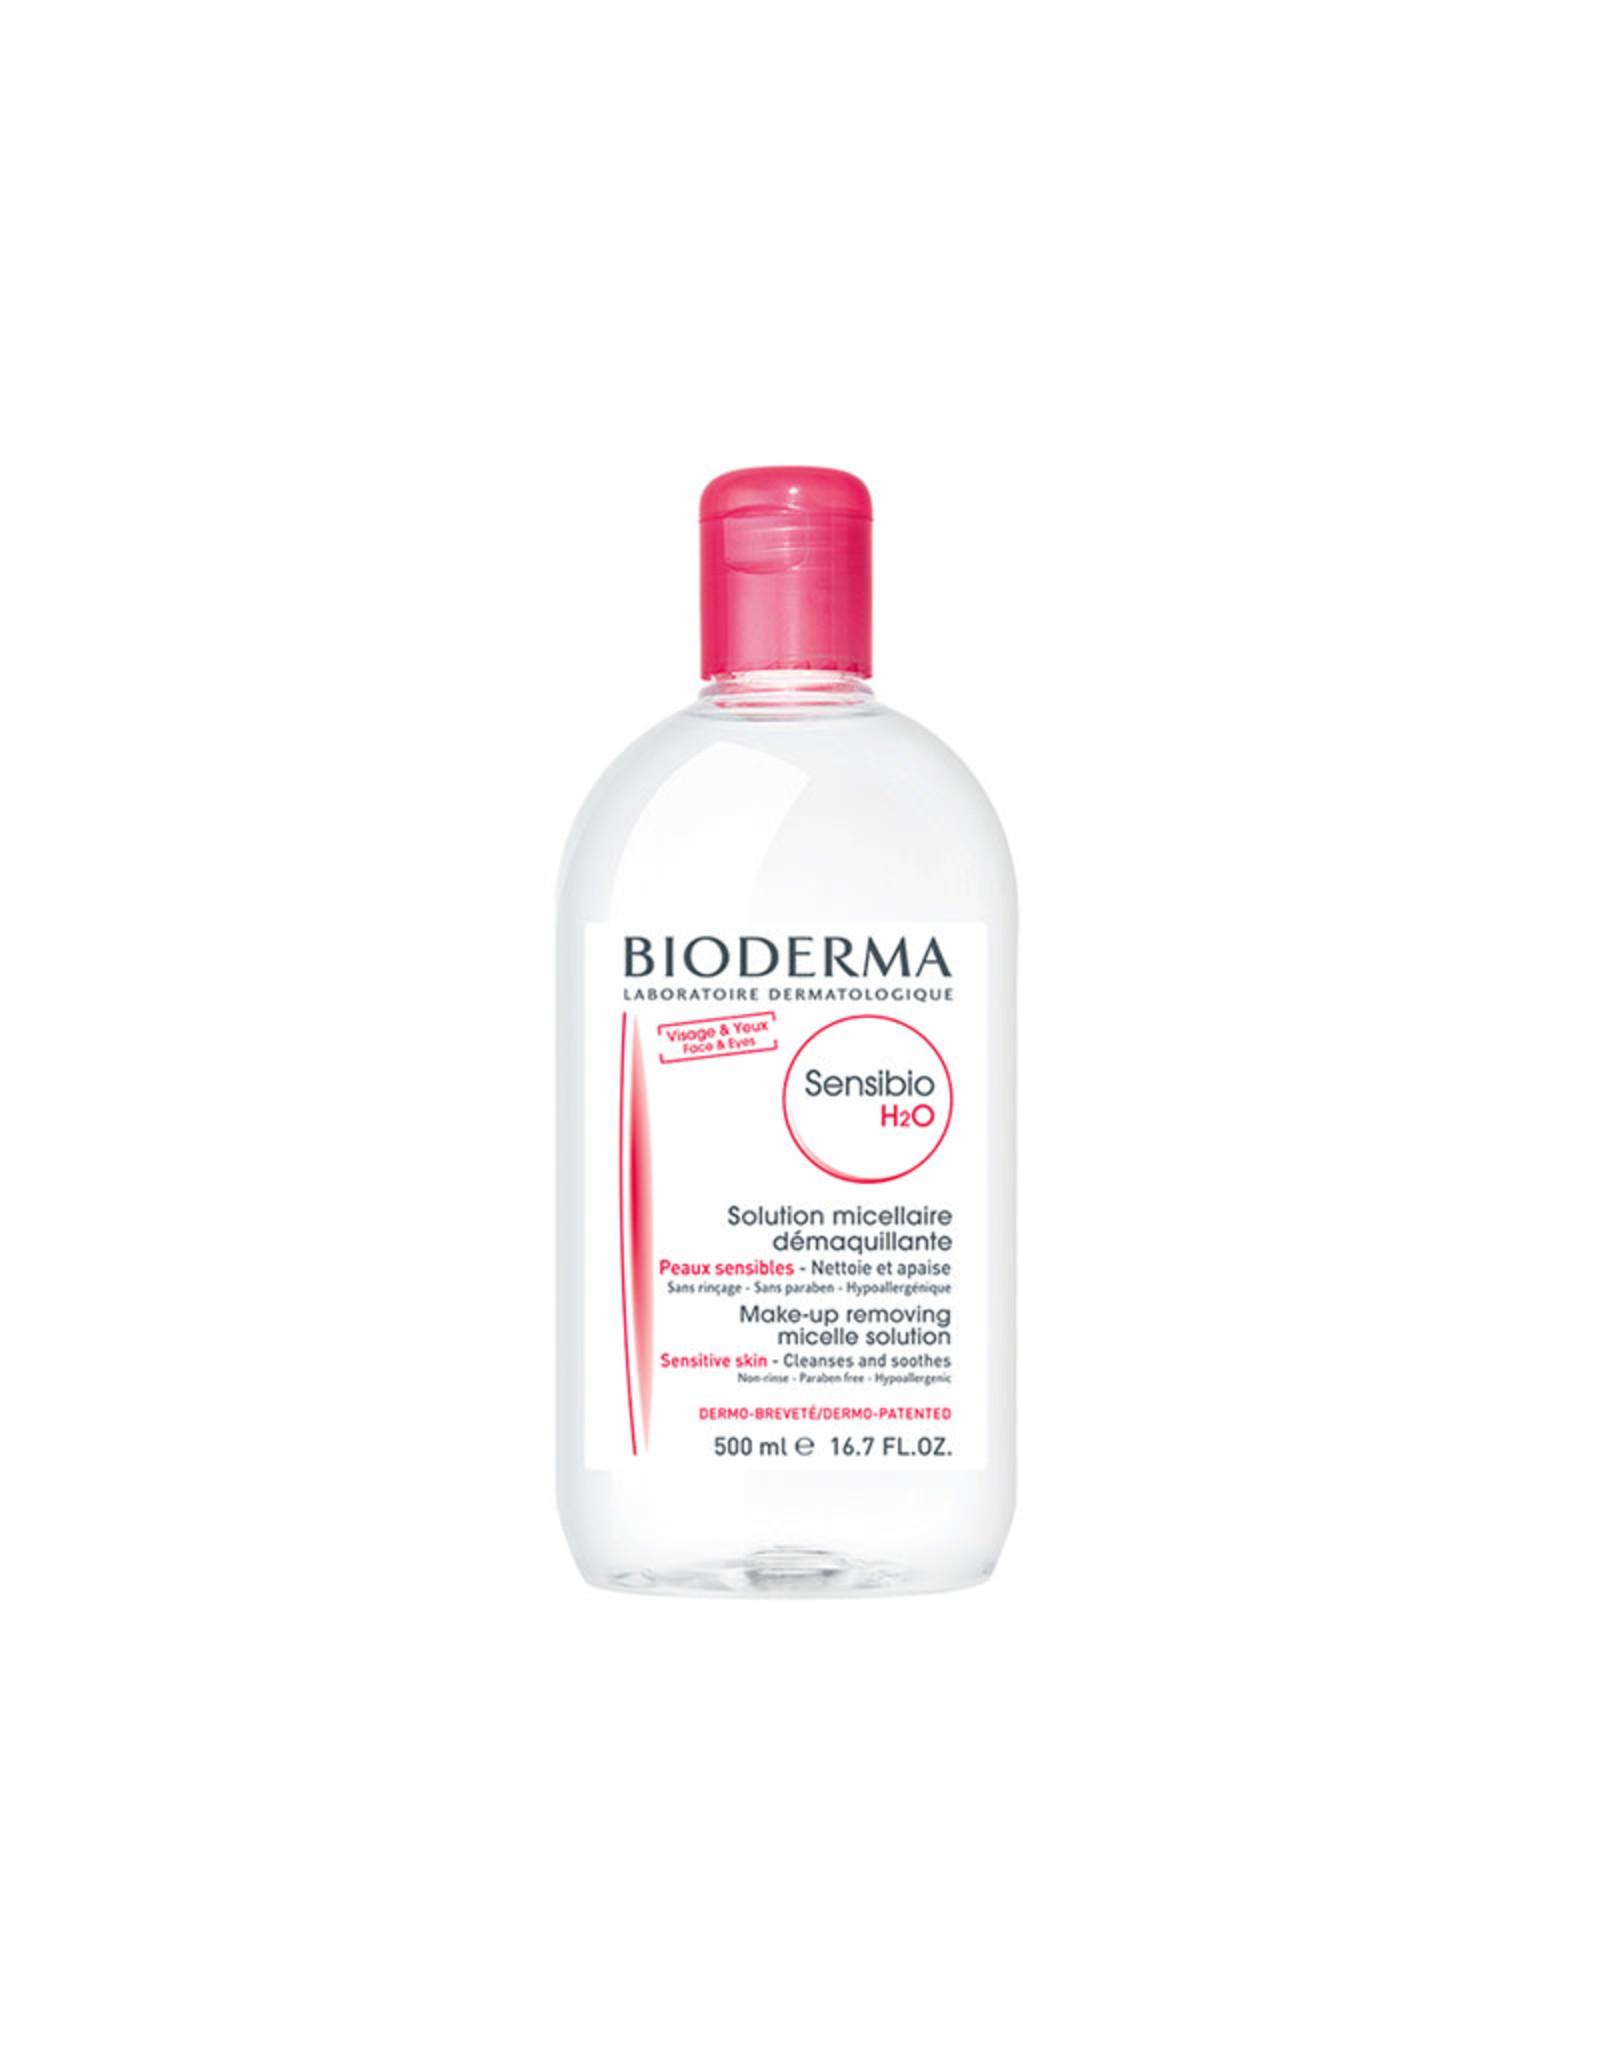 Bioderma Bioderma Sensibio H2O Makeup Remover 500ml